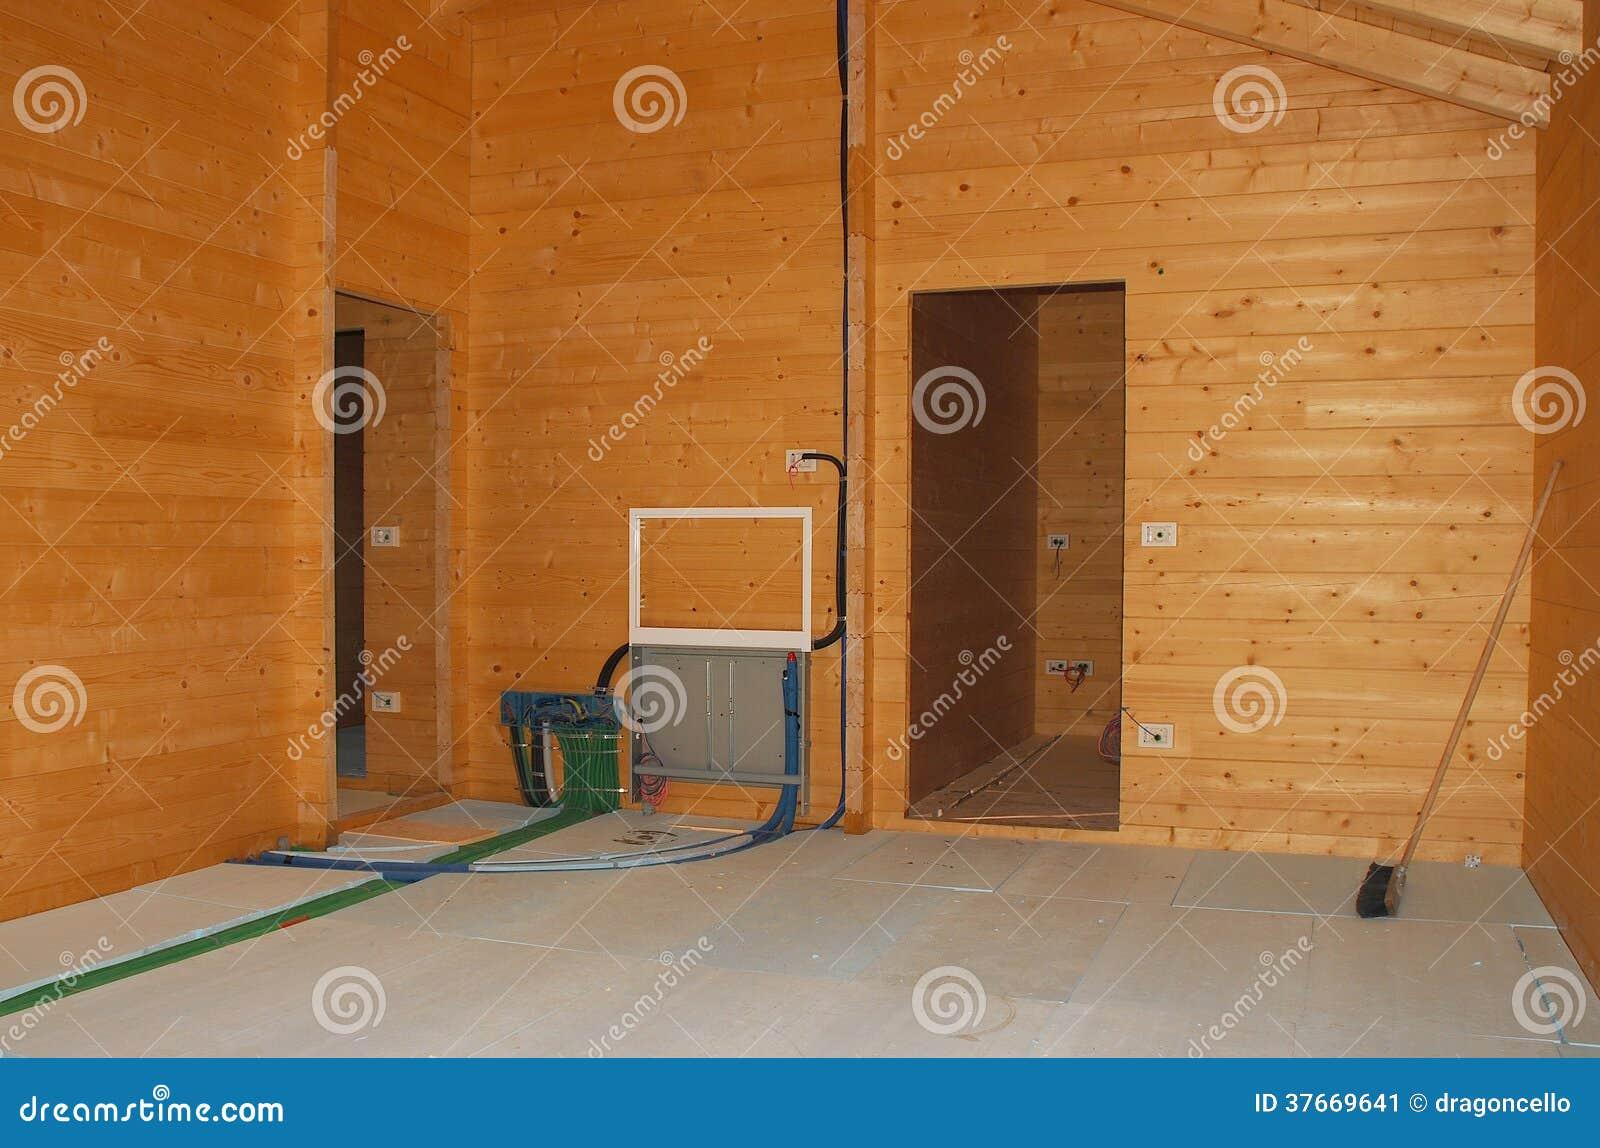 boden isolierung im neuen holzhaus stockbild bild 37669641. Black Bedroom Furniture Sets. Home Design Ideas